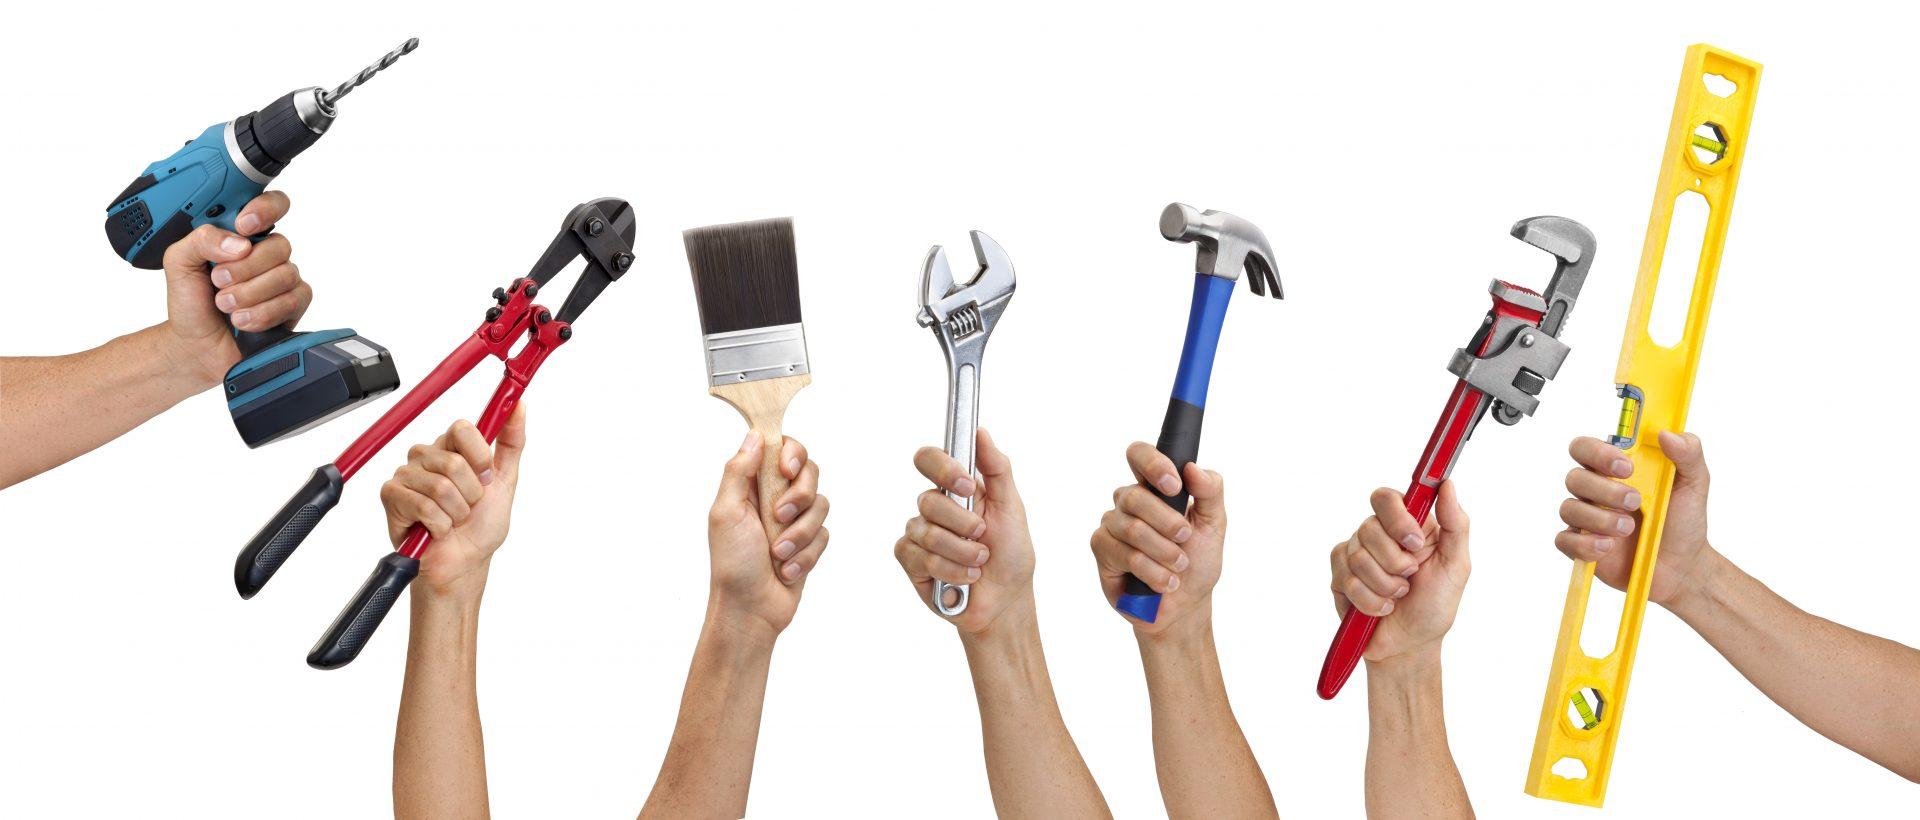 tools, drill, hammer